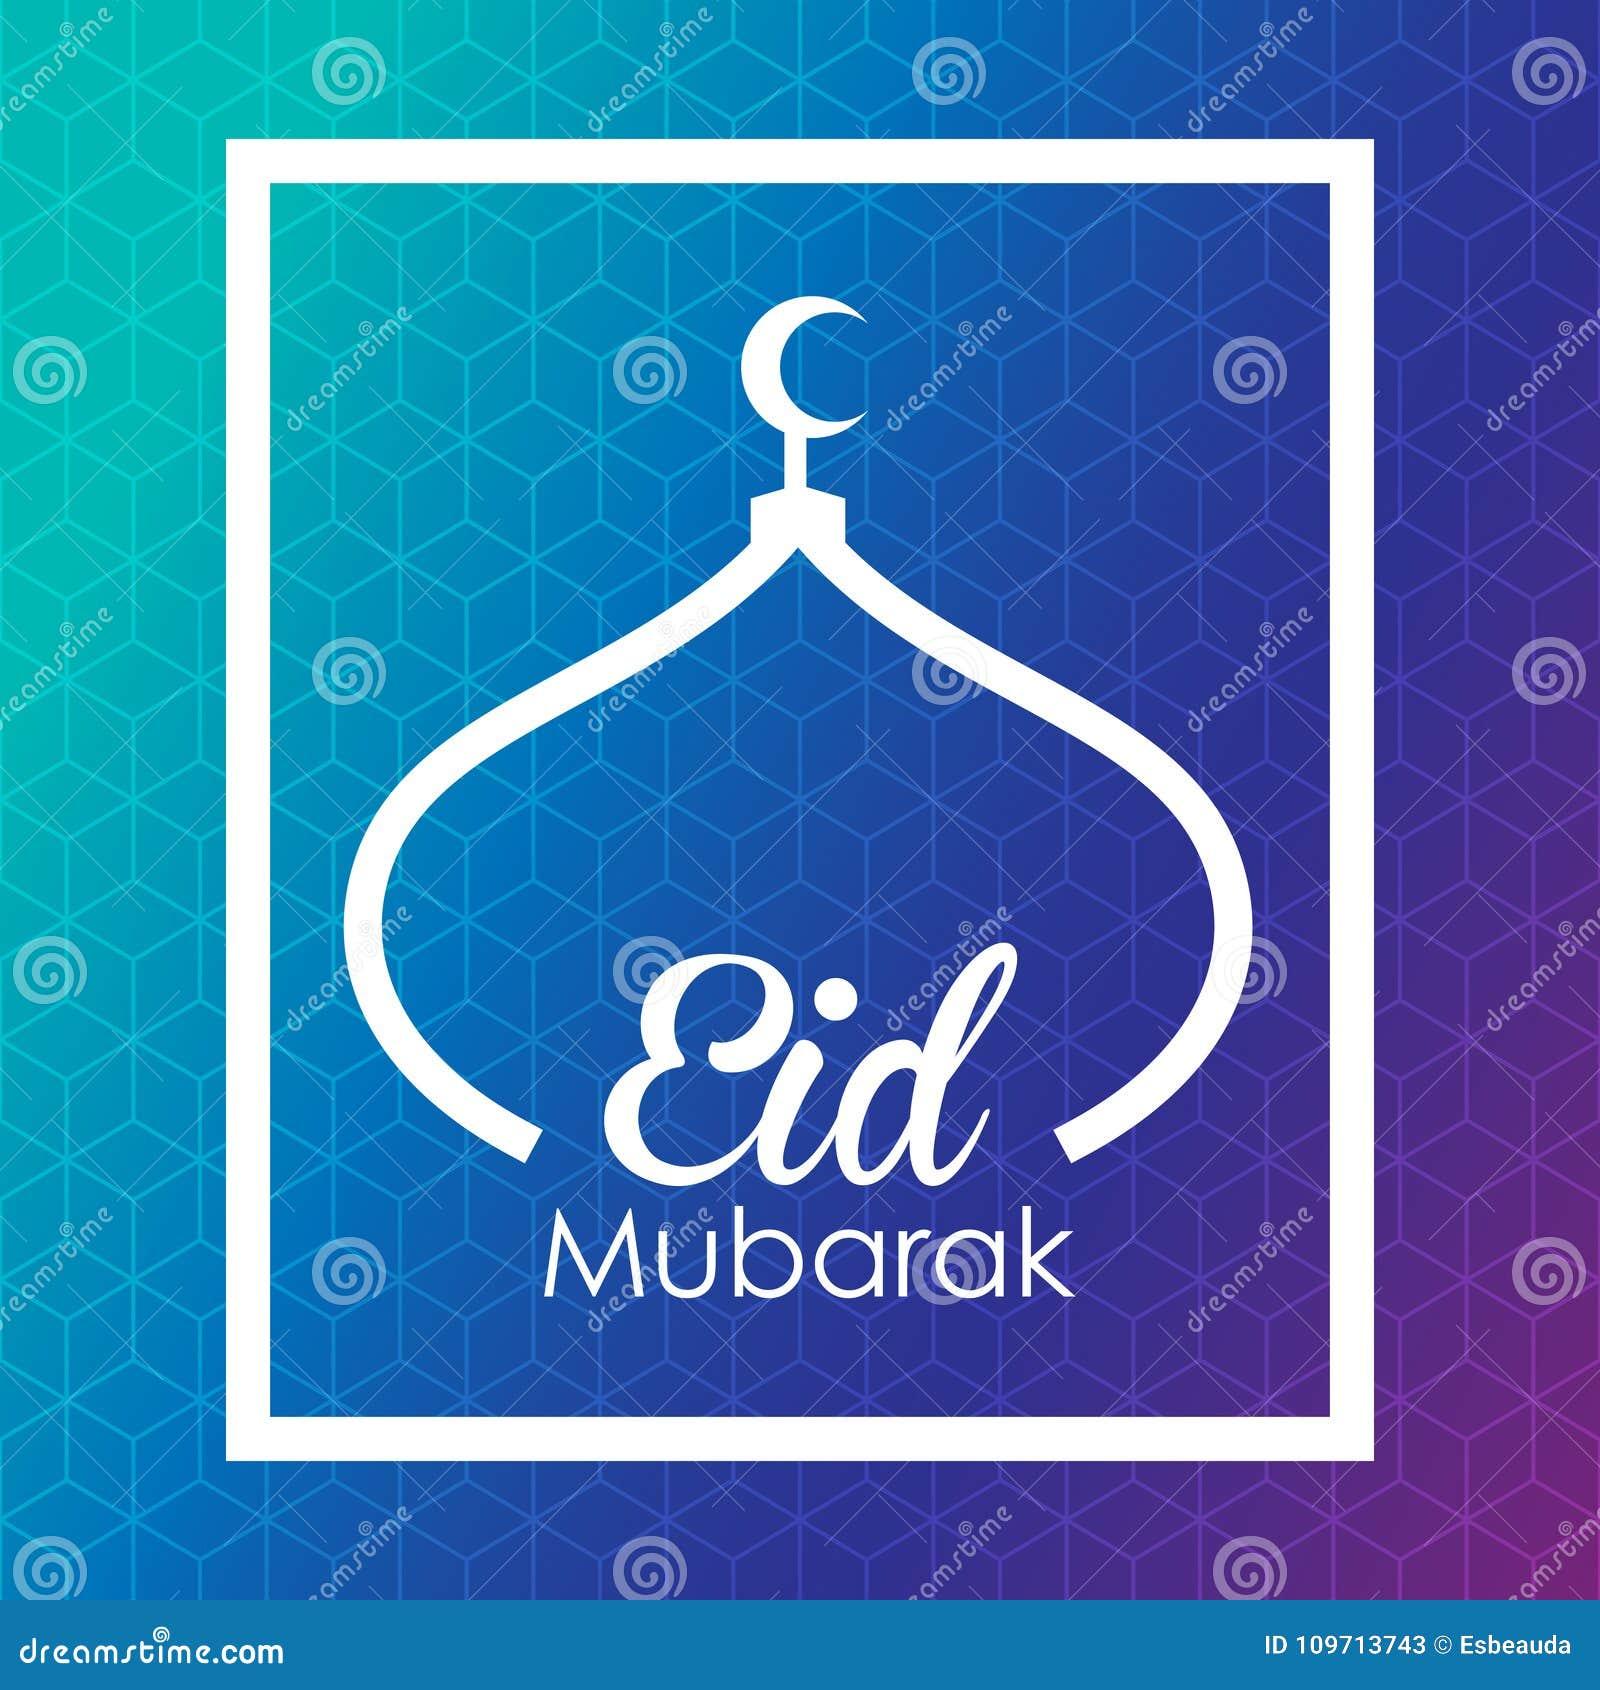 Eid mubarak greeting card stock vector illustration of mubarak download eid mubarak greeting card stock vector illustration of mubarak 109713743 m4hsunfo